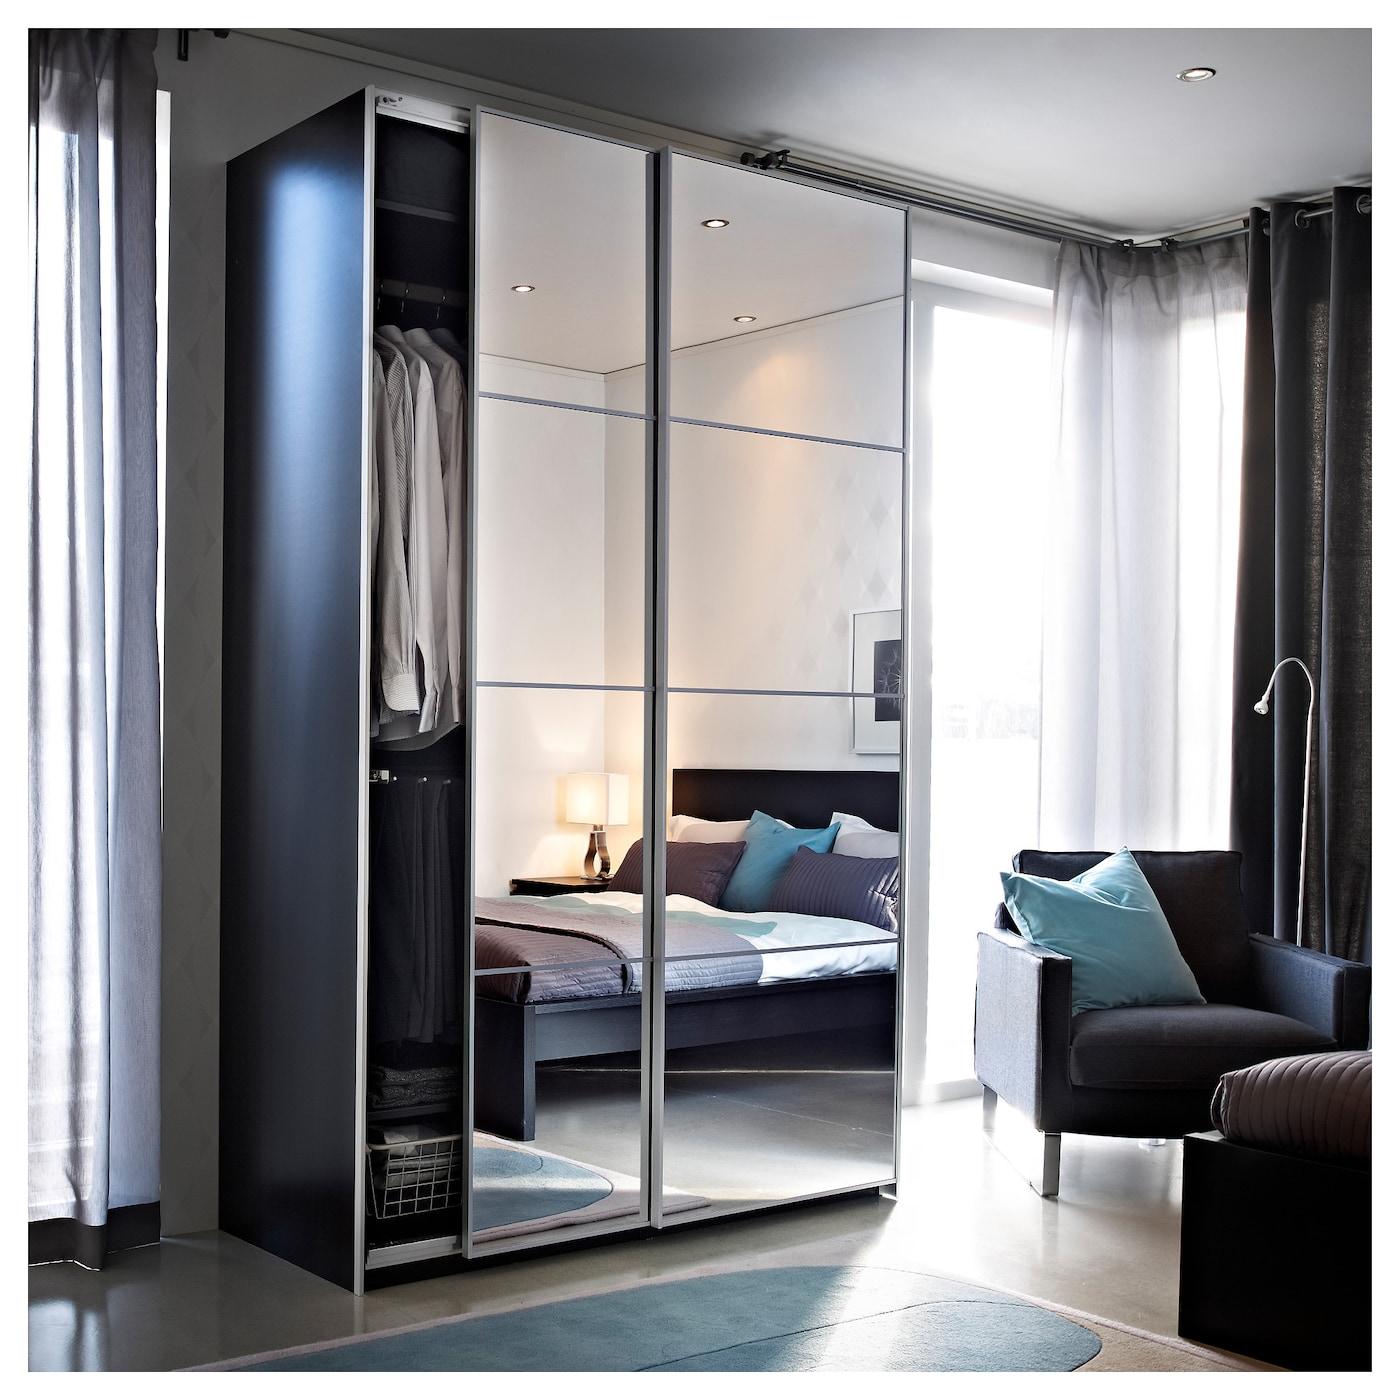 Auli 4 Panneaux Pr Pte Coul Miroir 75x236 Cm Ikea